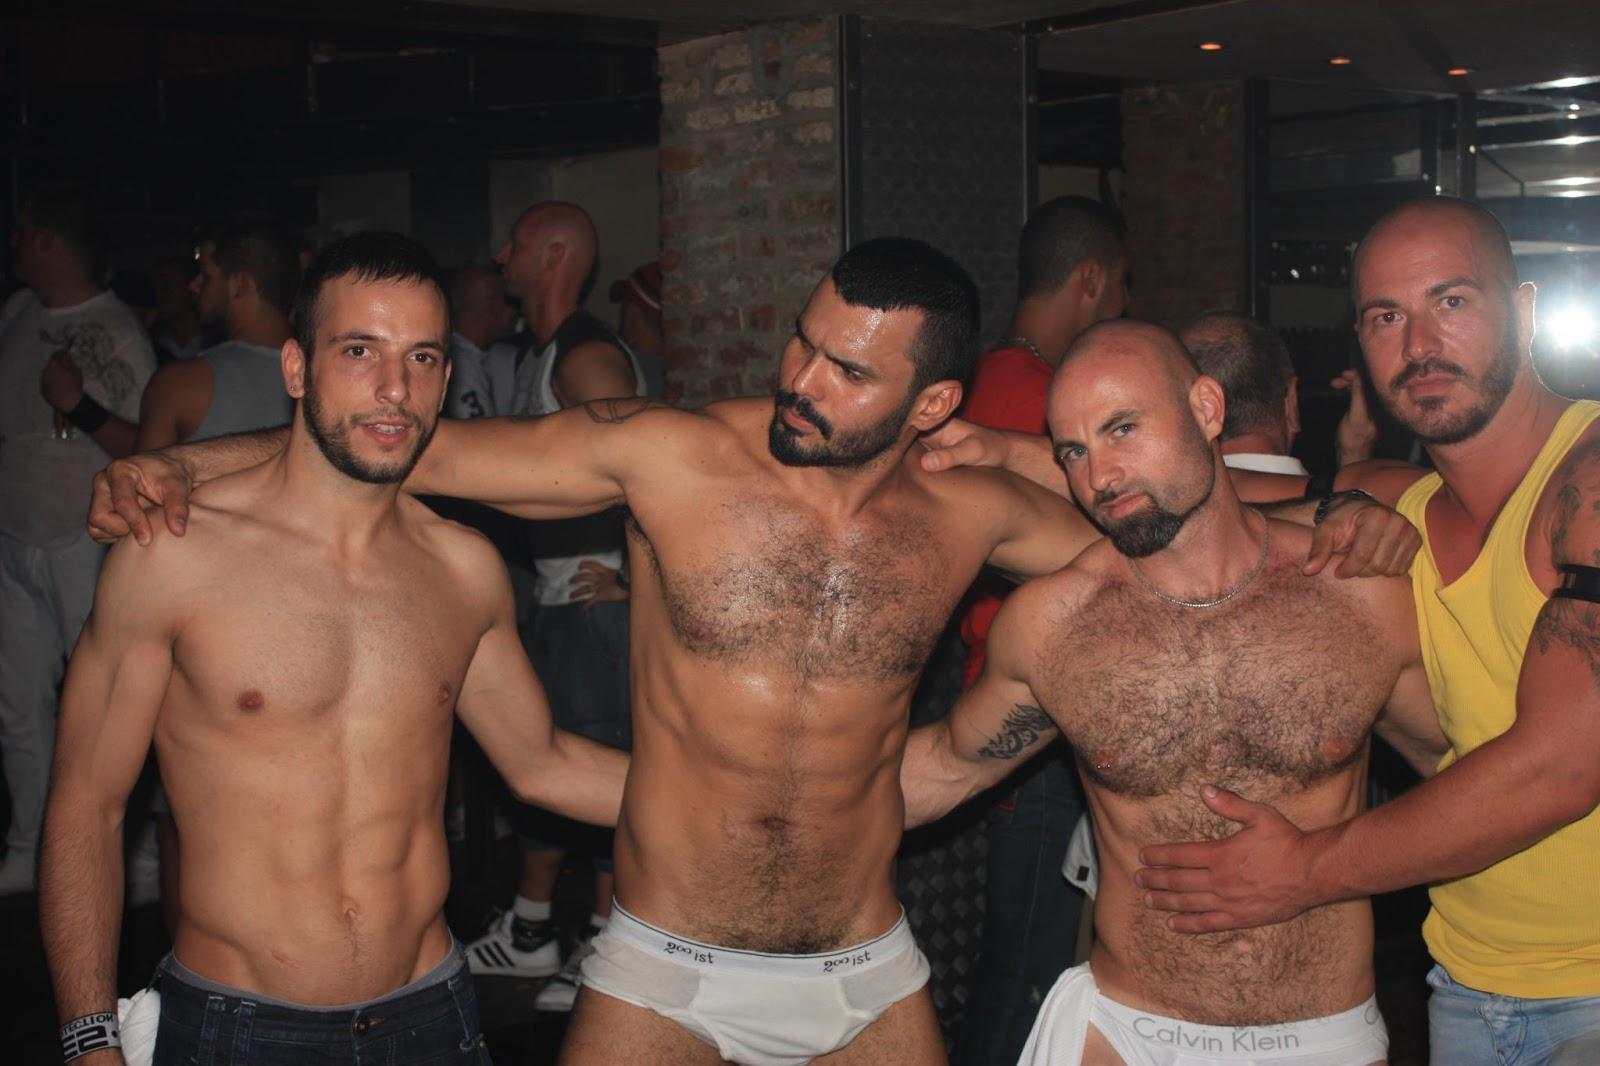 gay dvd jean franco: